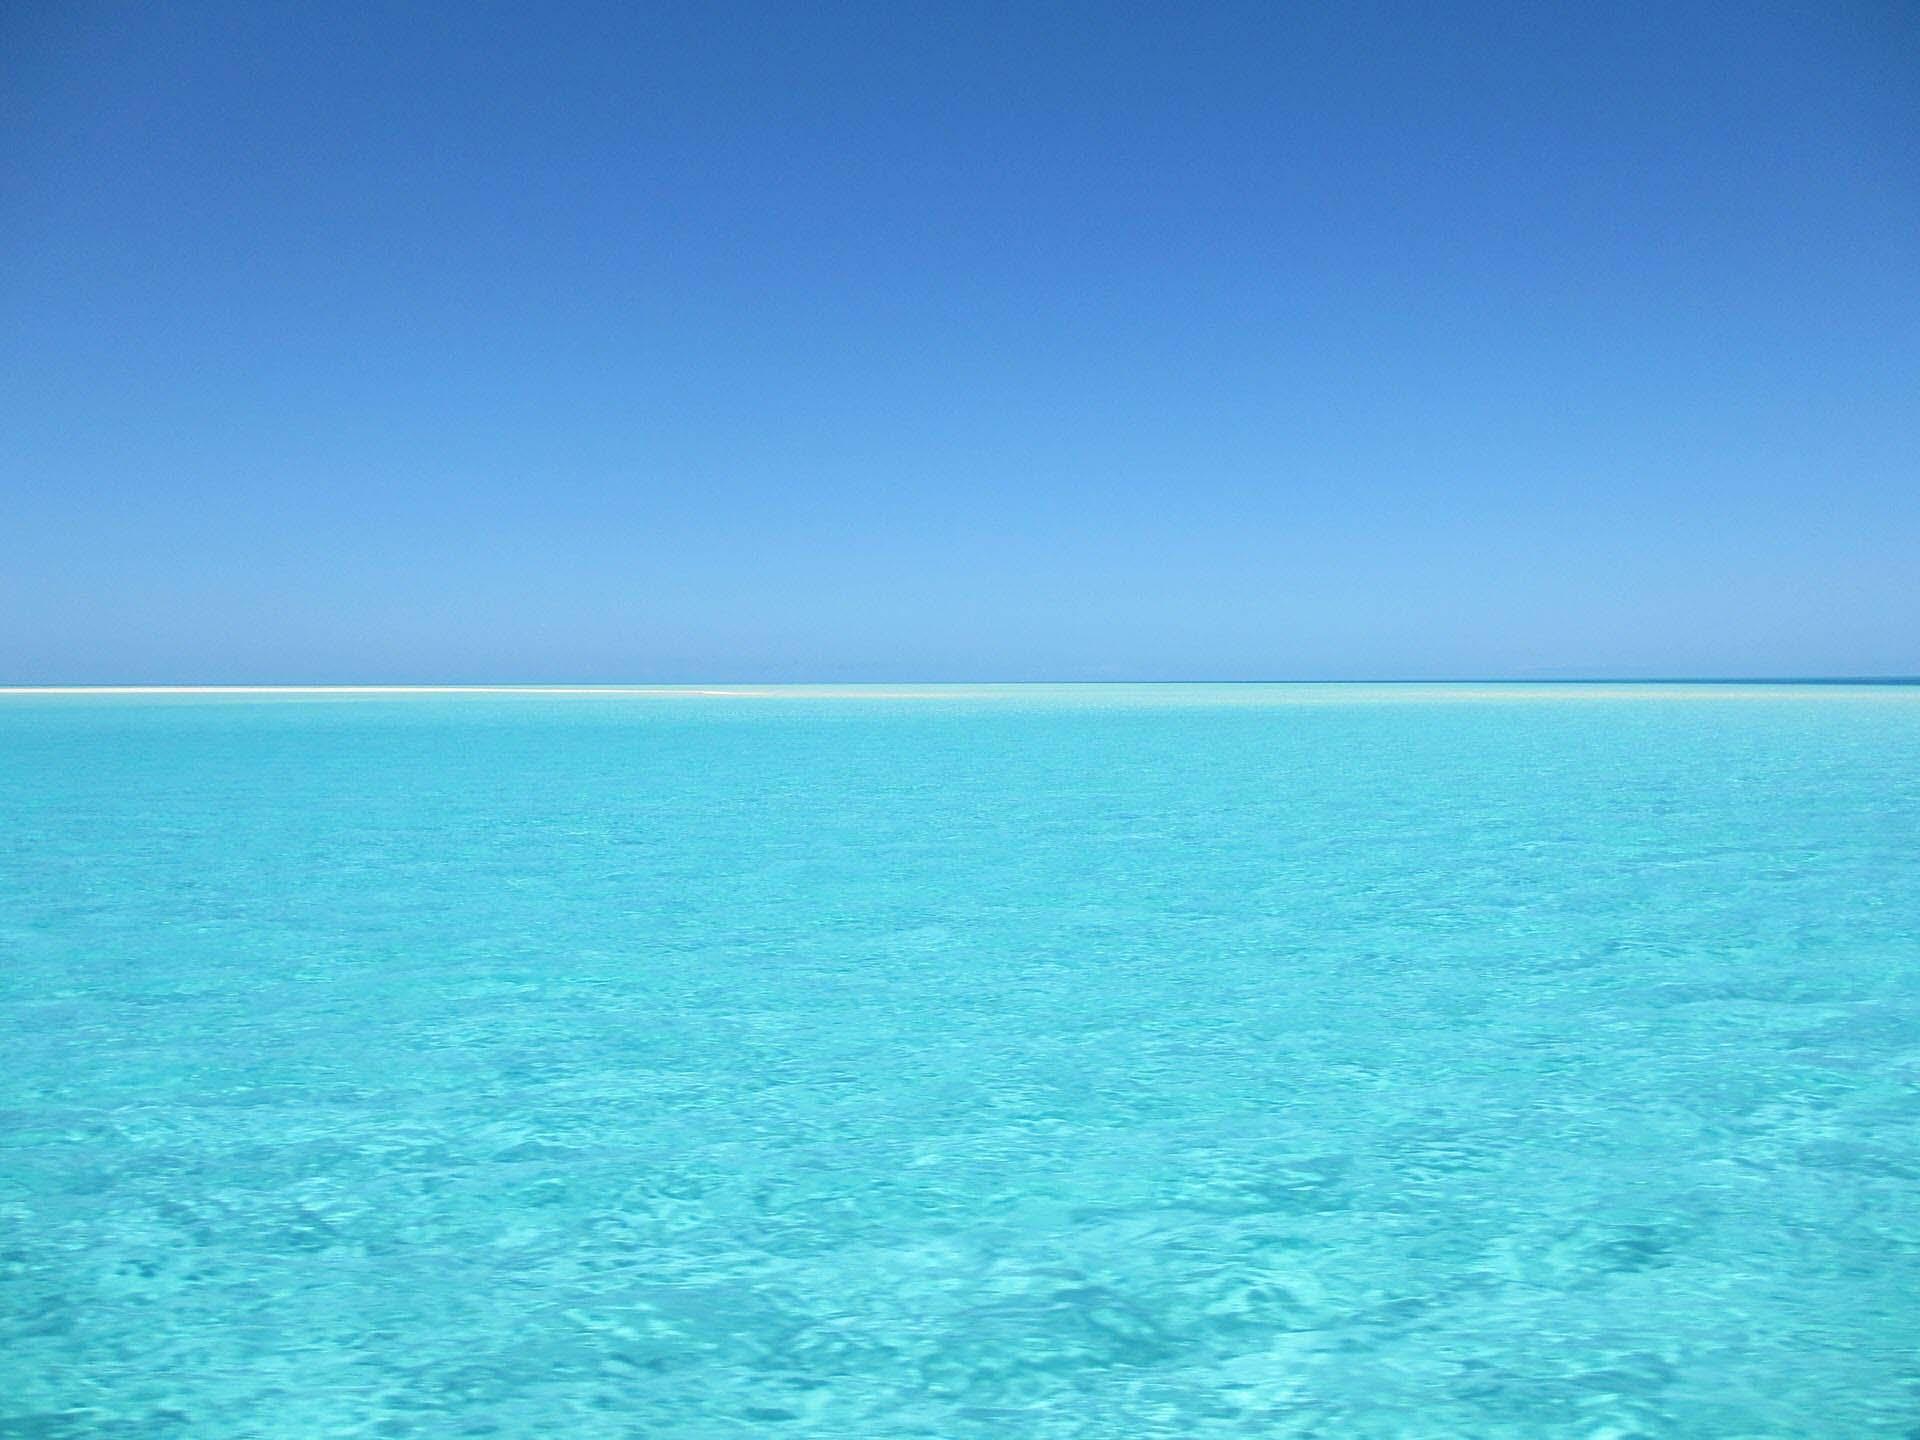 Hình nền đẹp màu xanh nước biển